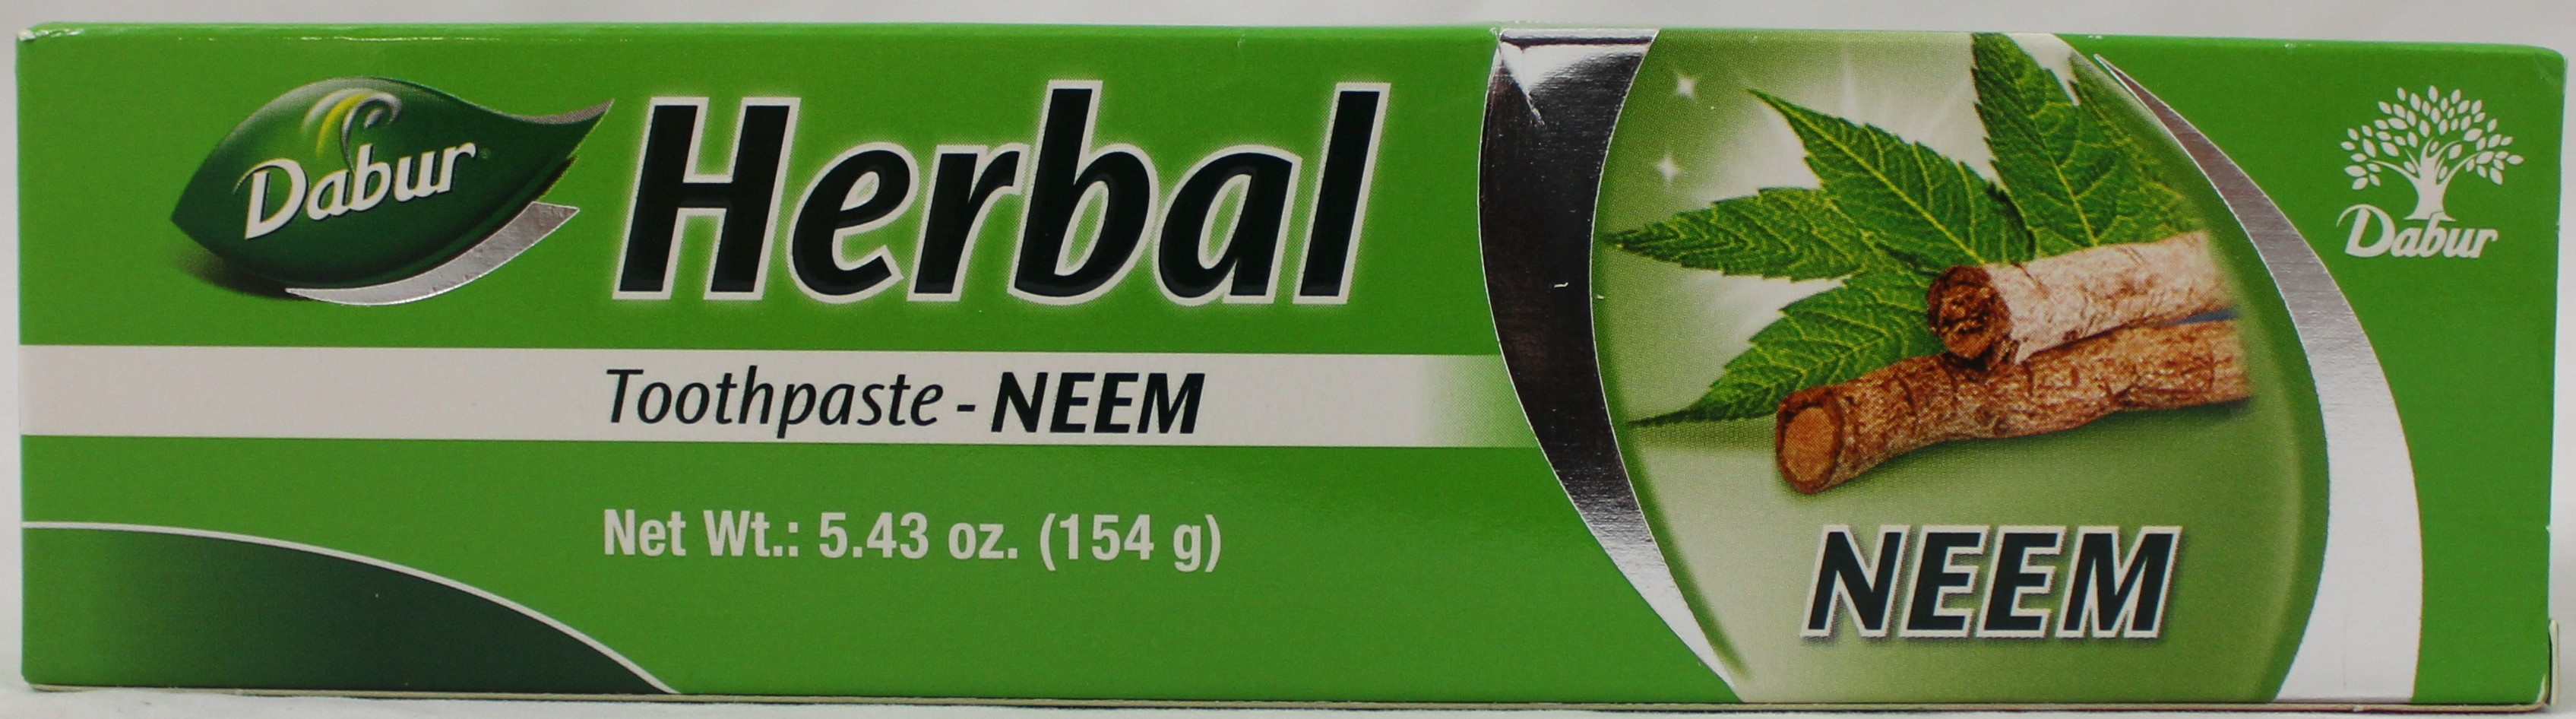 Toothpaste Neem 5.43 Oz